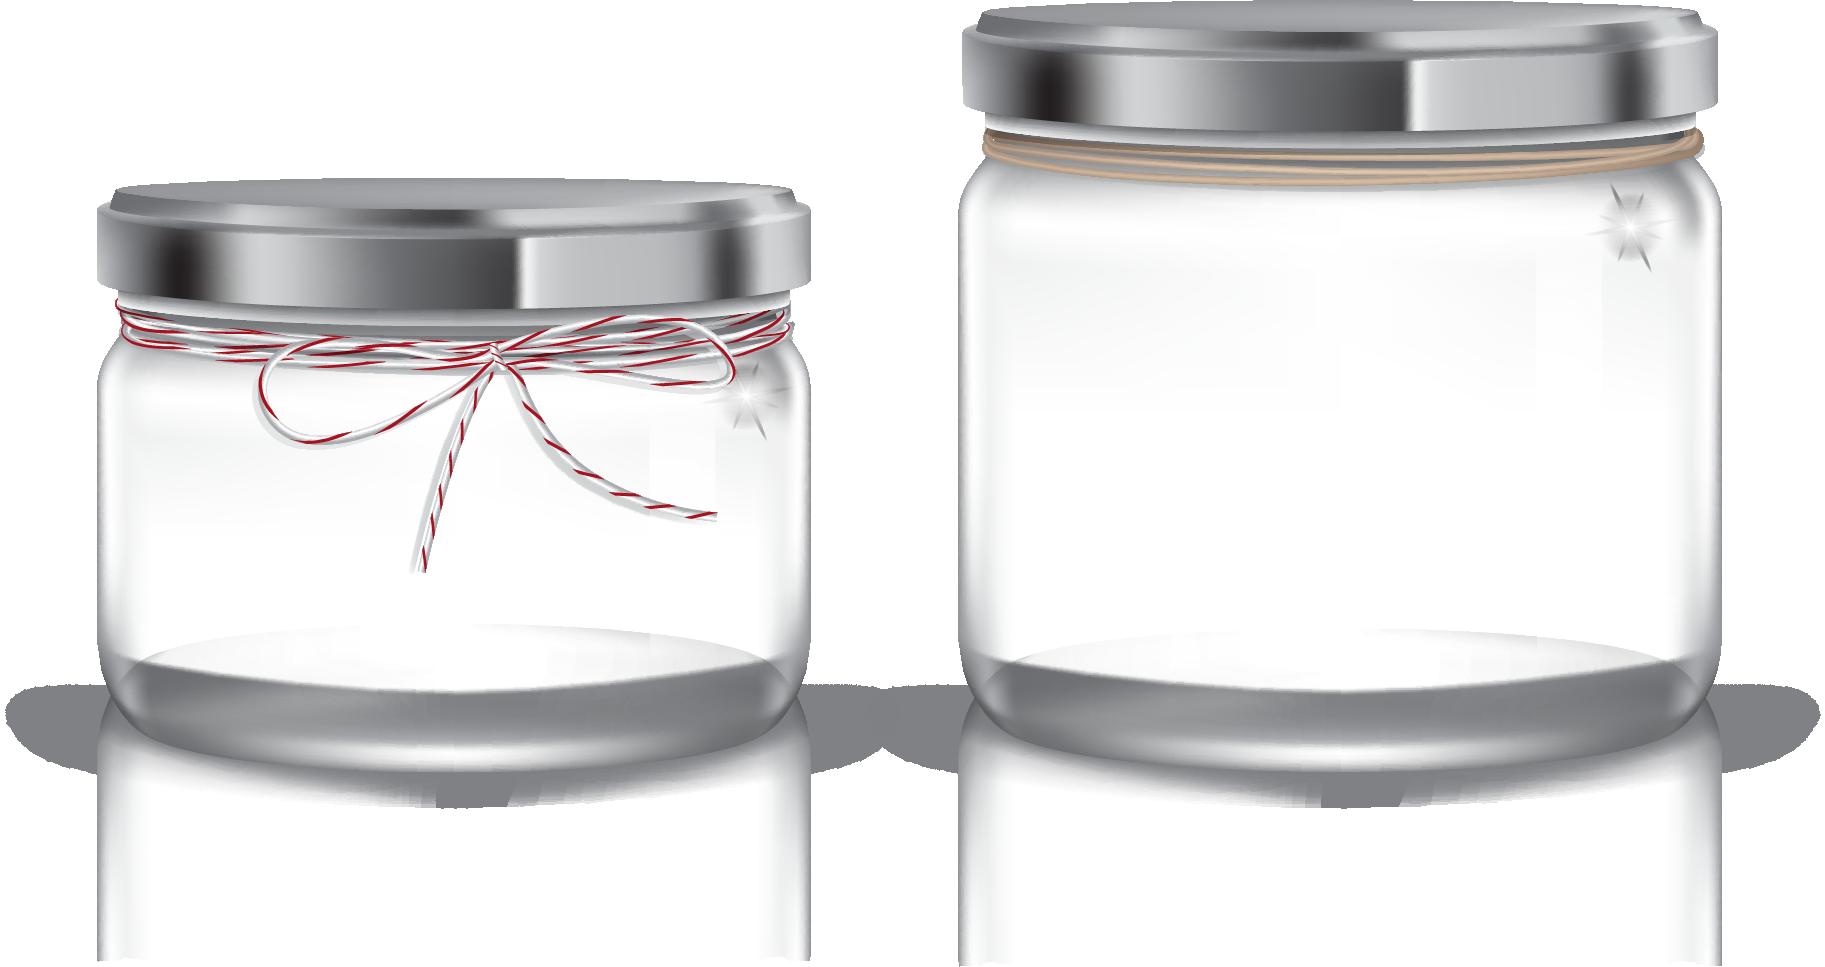 Jar PNG Images Transparent Free Download.